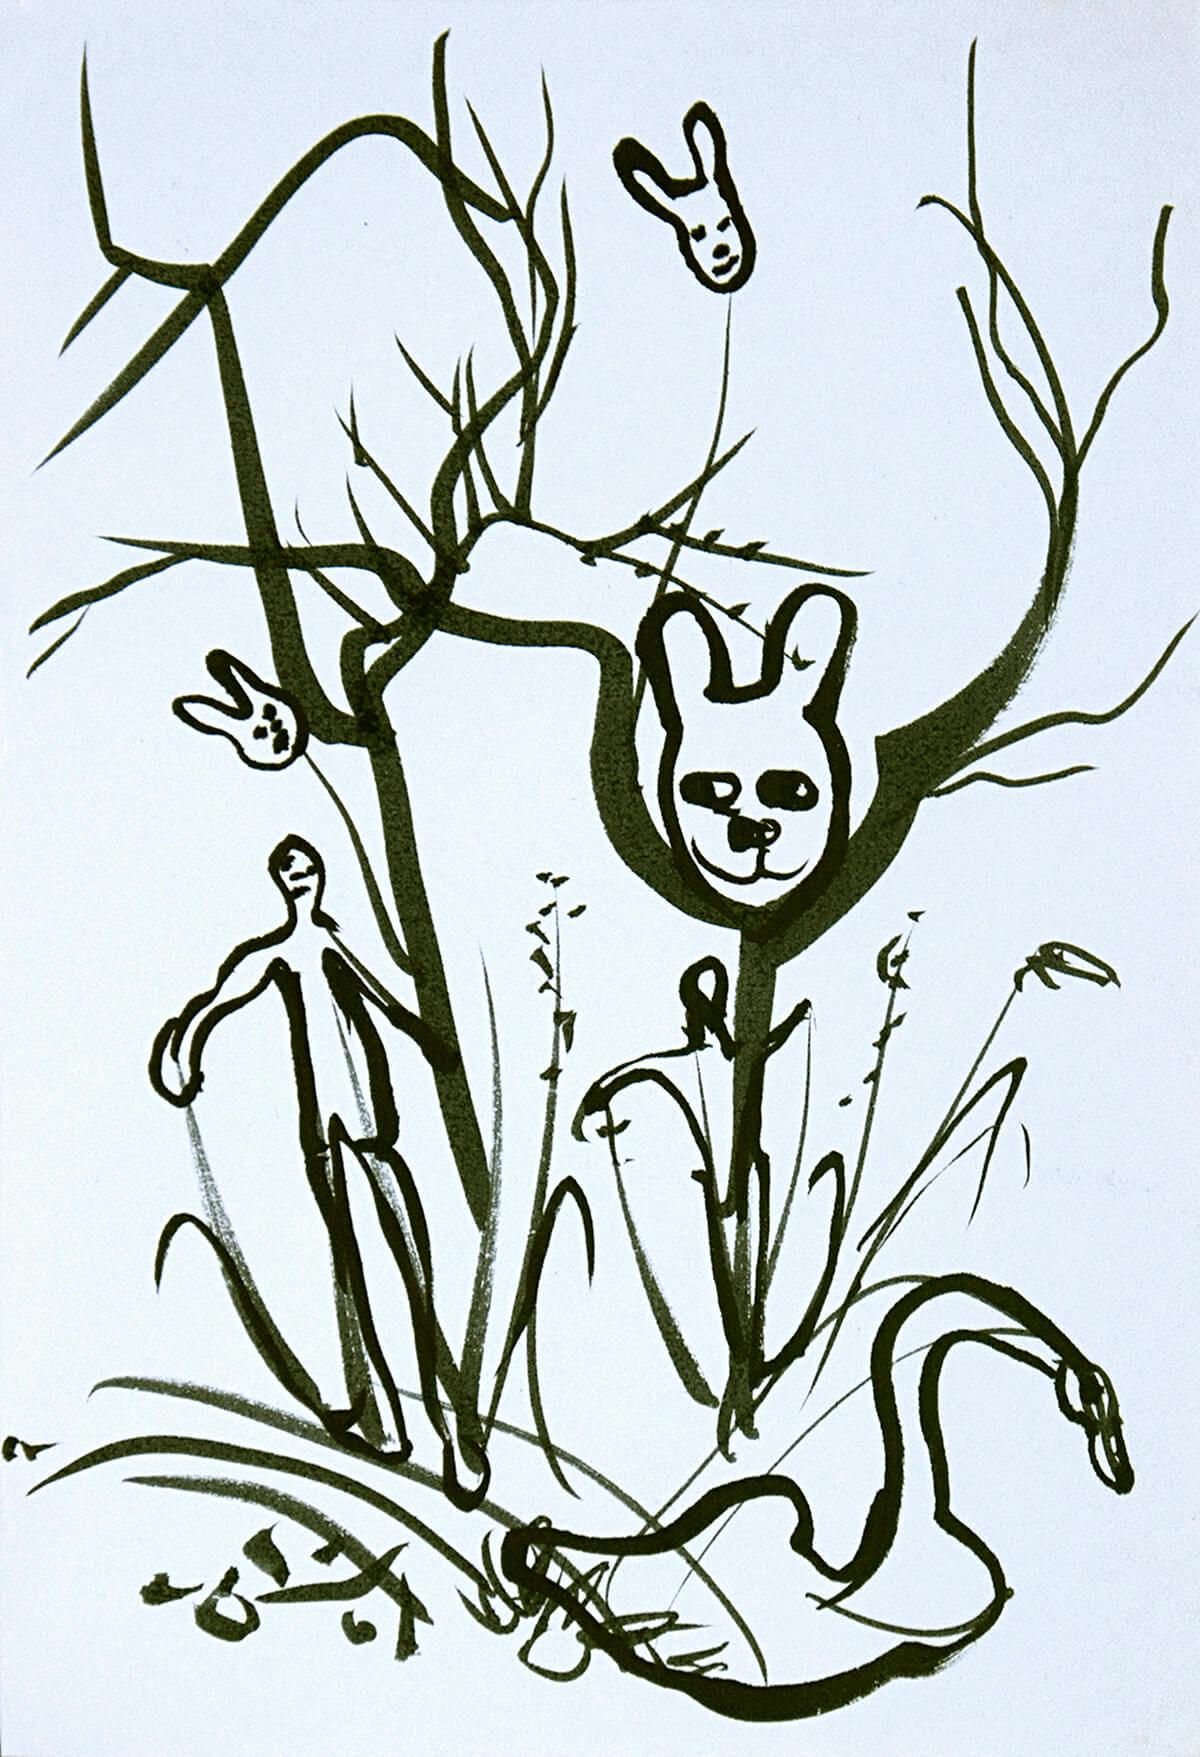 untitled (animal landscape), 16 x 11 cm, ink on paper, 2014